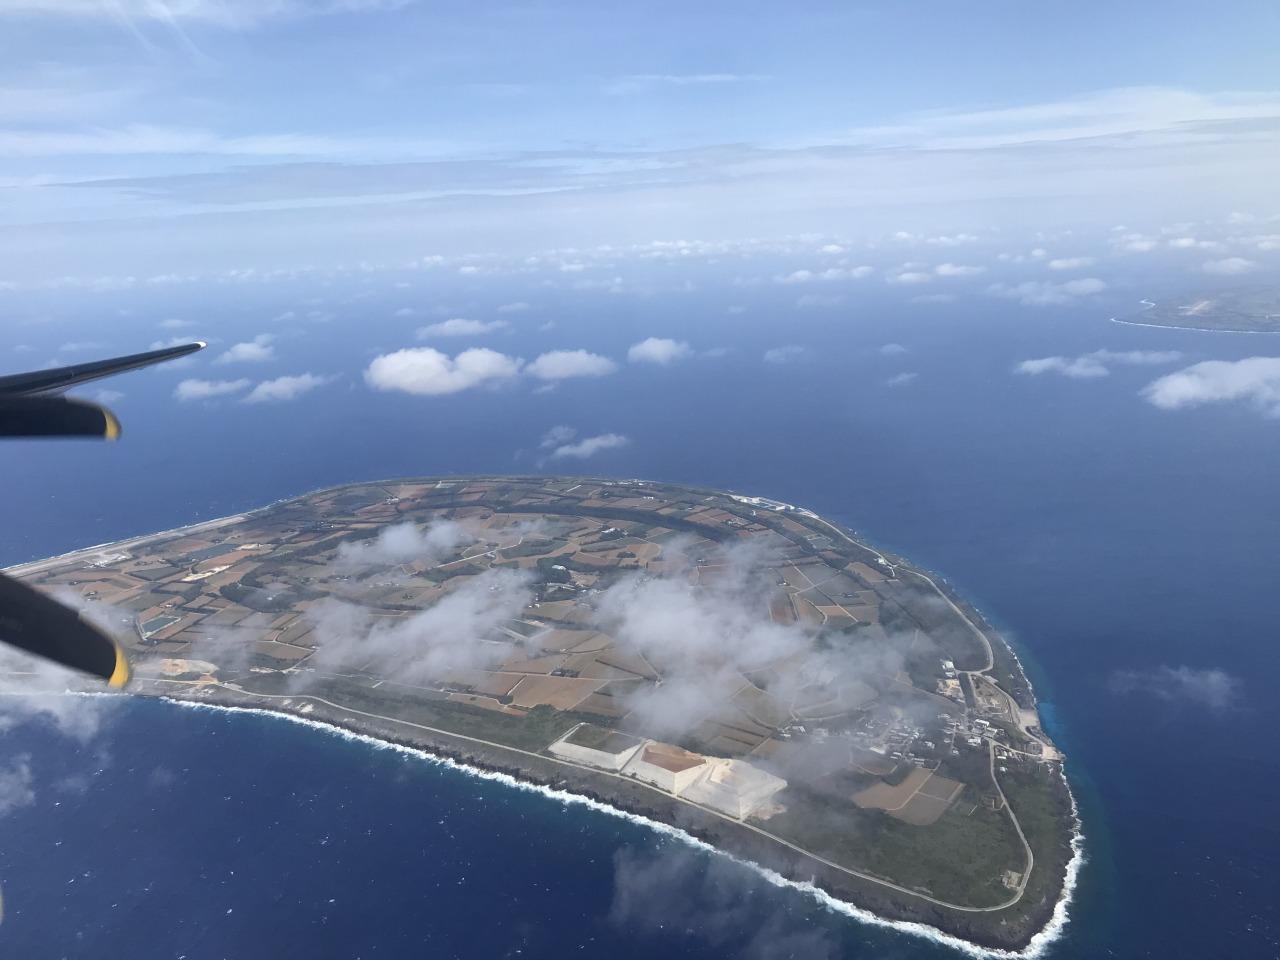 絶海の孤島2島を巡る北大東島&南大東島周遊ウォーク 4日間